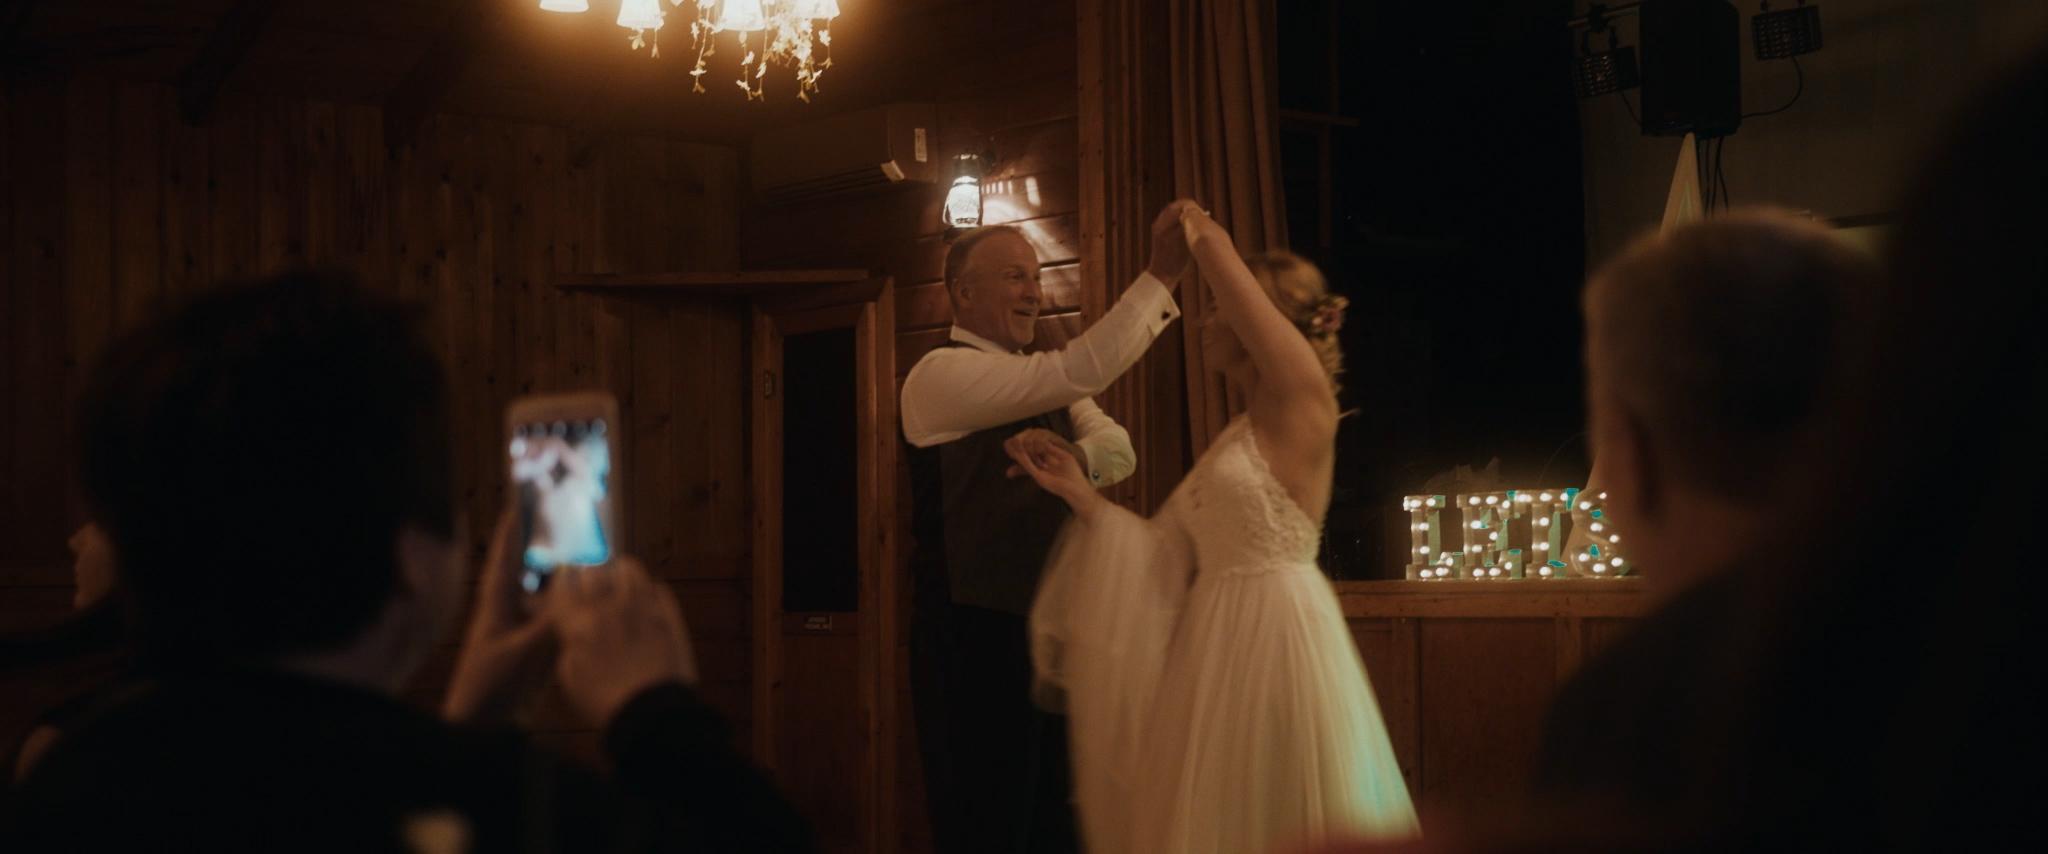 HAVENS_Wedding_Film.00_06_41_00.Still076.jpg